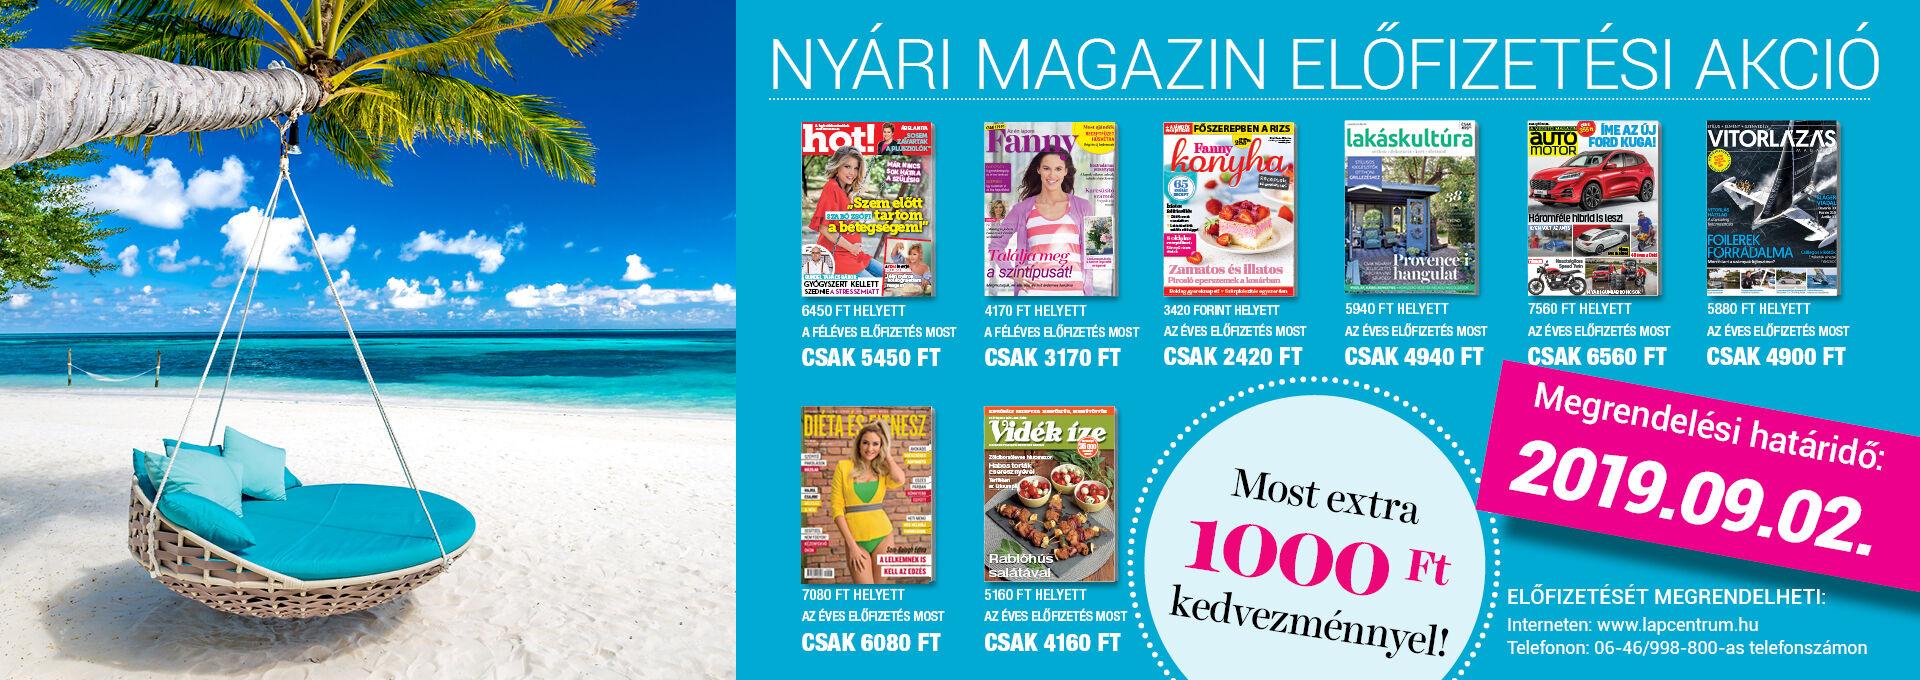 Nyári magazin akció